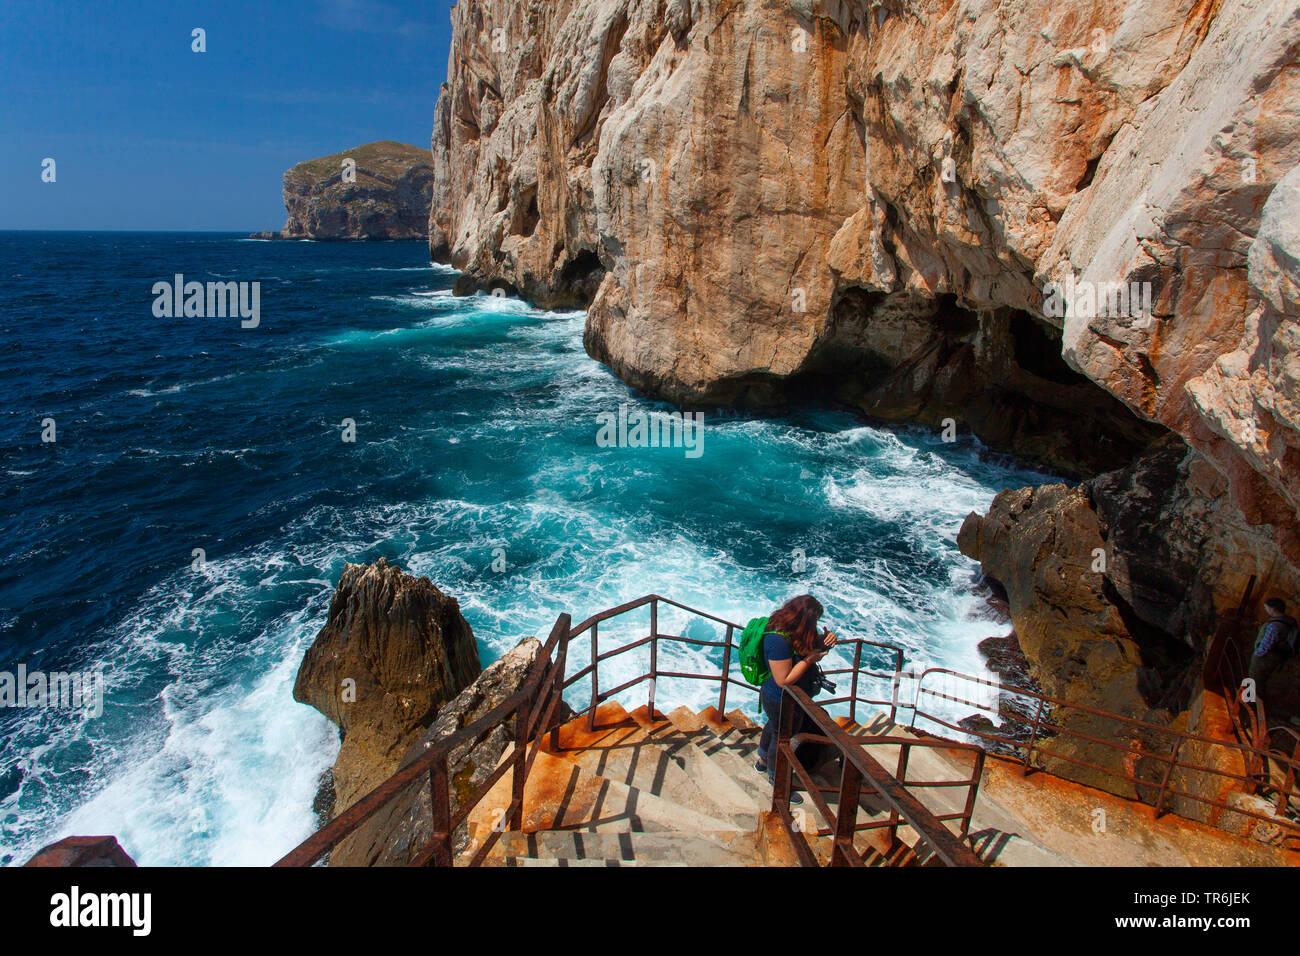 Grotta di Nettuno, Neptunsgrotte, Stufen Escala del Cabriol, Italien, Sardinien | capo caccia, Grotta di Nettuno, stairs escala del cabriol, Italy, Sa - Stock Image